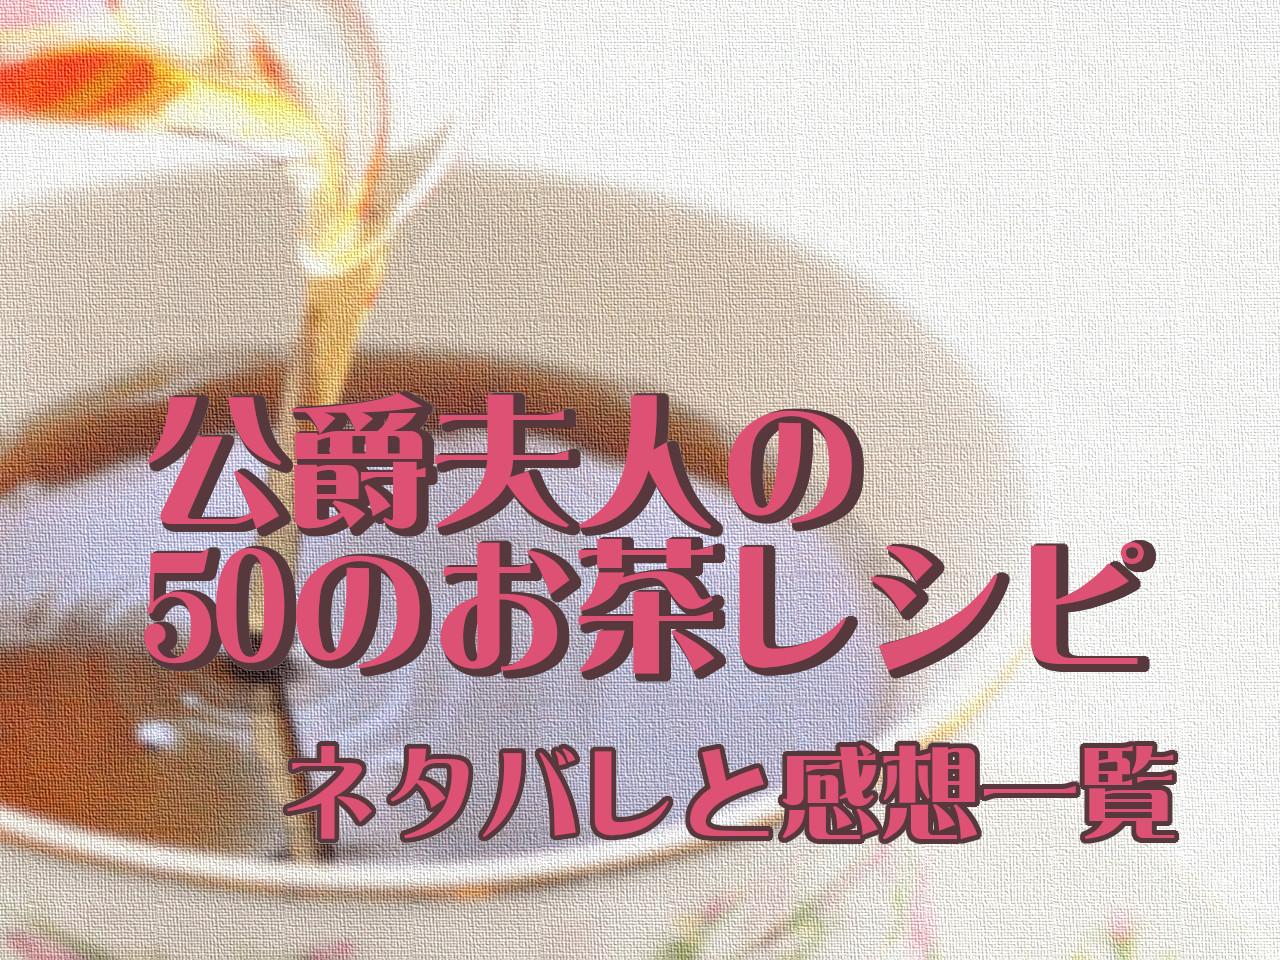 公爵夫人の50のお茶レシピネタバレ一覧